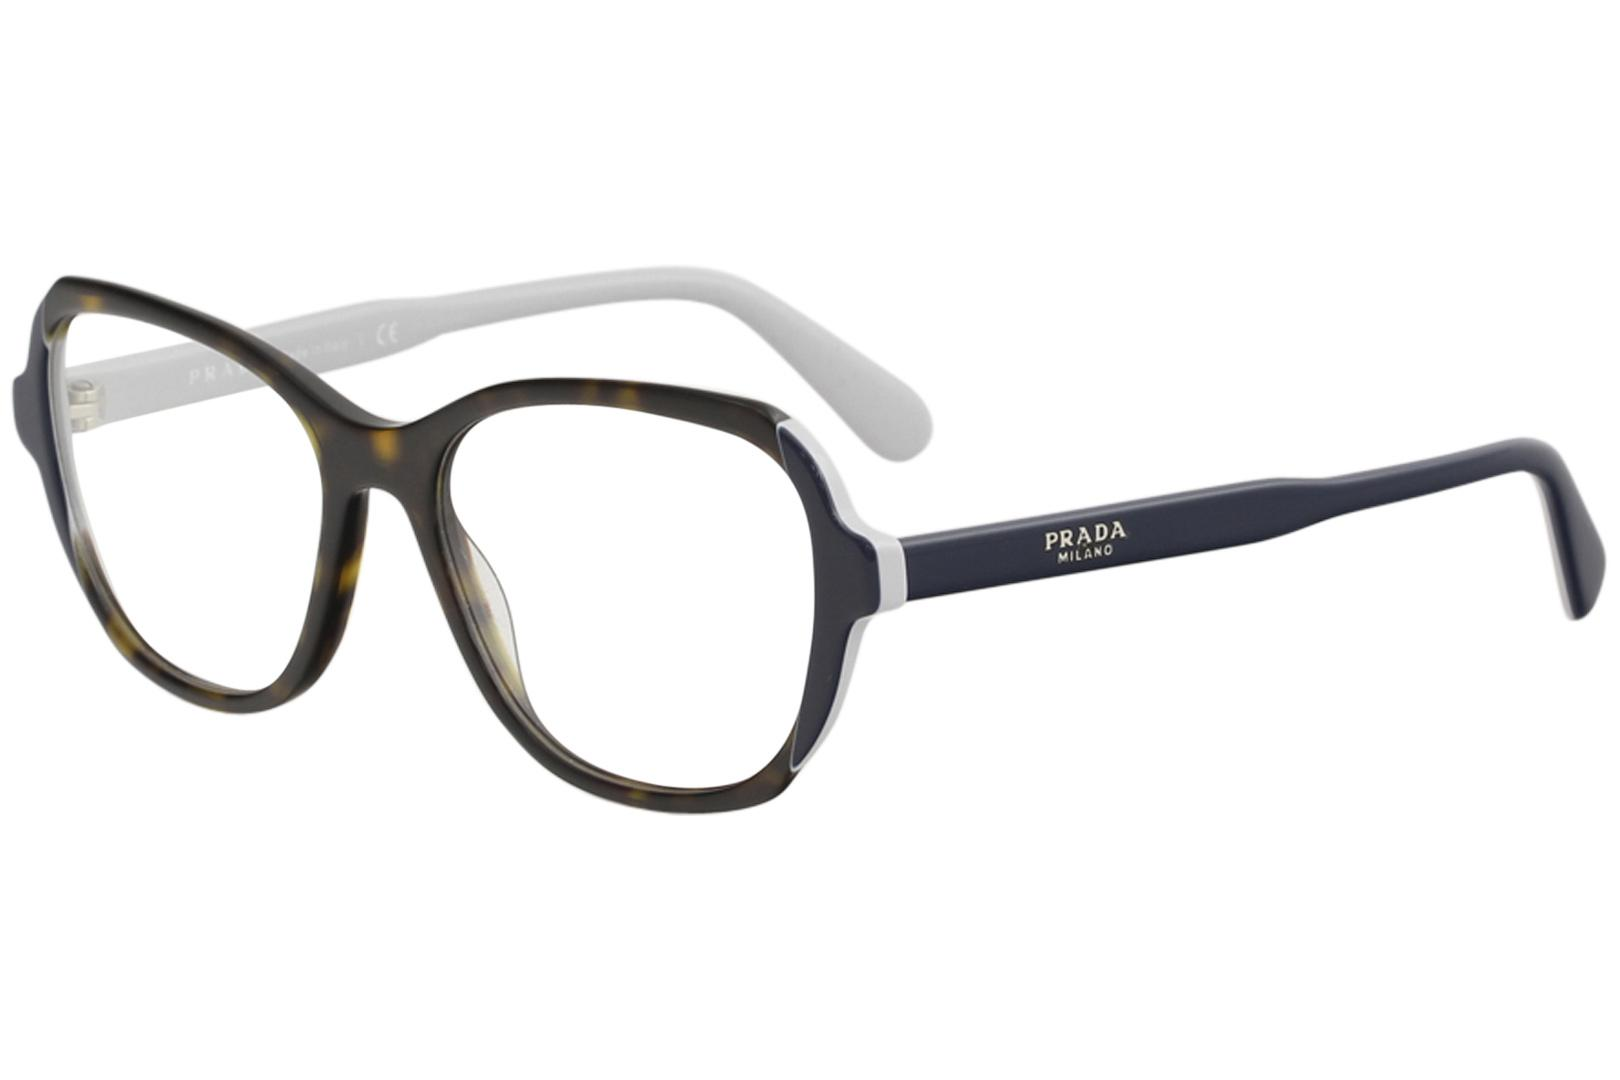 fdce85c0b5a Prada Women s Eyeglasses VPR03V VPR 03 V Full Rim Optical Frame by Prada.  Touch to zoom